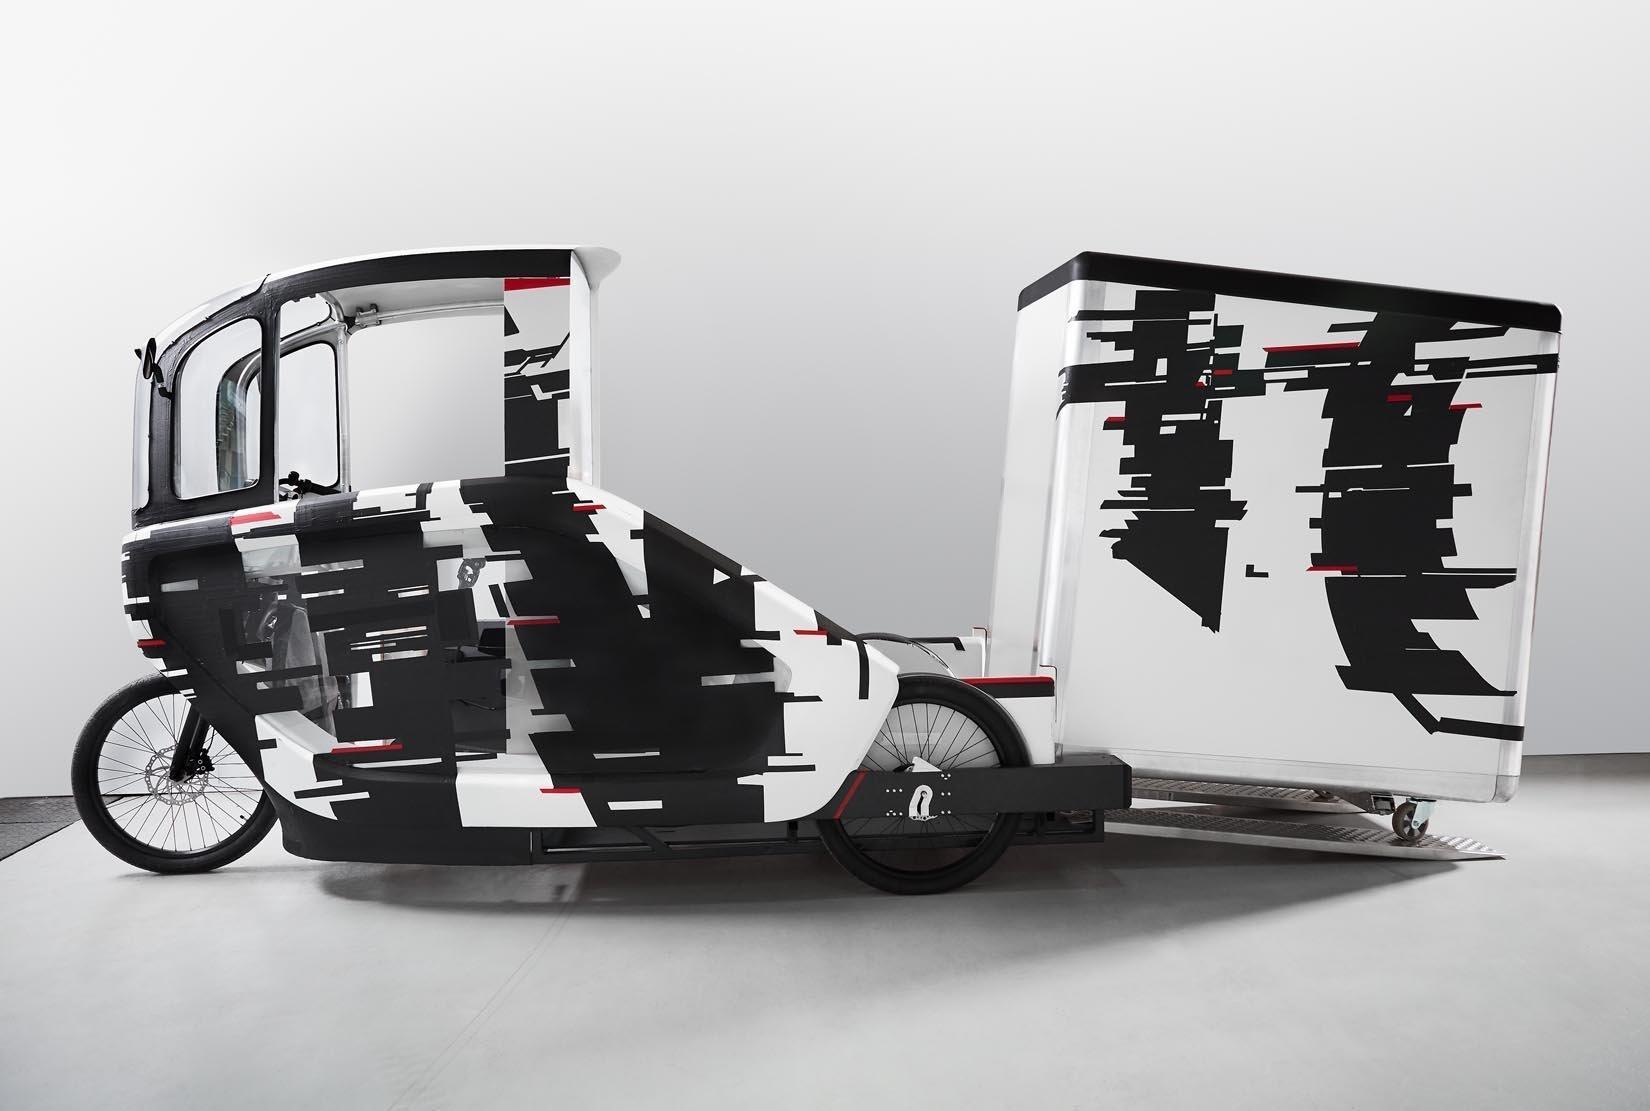 So funktioniert der Wechsel des Containers: Über Rollen und Schiebehilfen wird der Container hinter der Fahrerkabine gewechselt. Er  hat das Format einer halben Europalette und fasst zwei Kubikmeter.